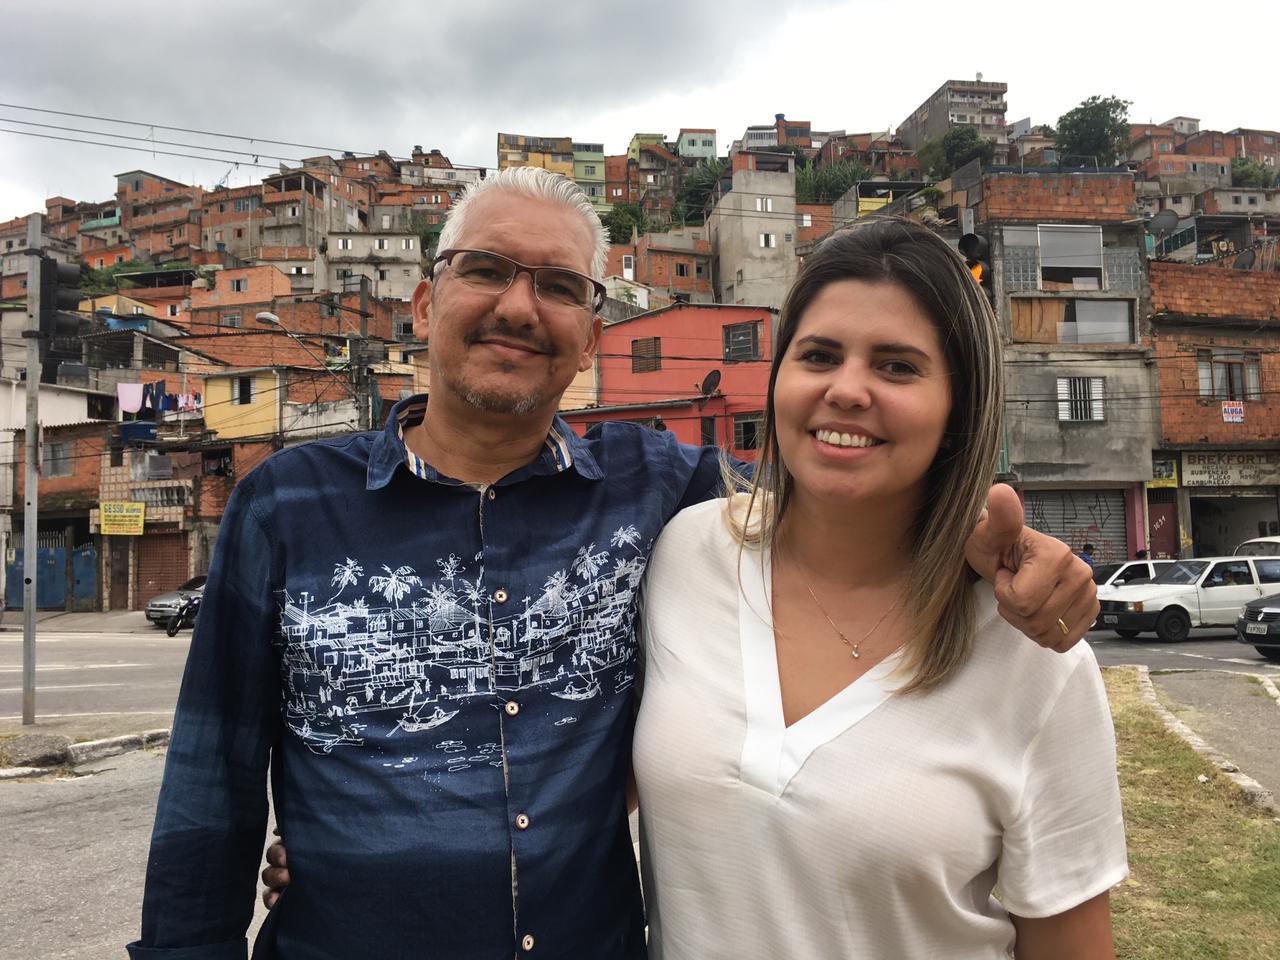 Alvimar da Silva e a filha, Aline Landim, empreendedores da Jaubra —Uber para a Brasilândia, na periferia de São Paulo.